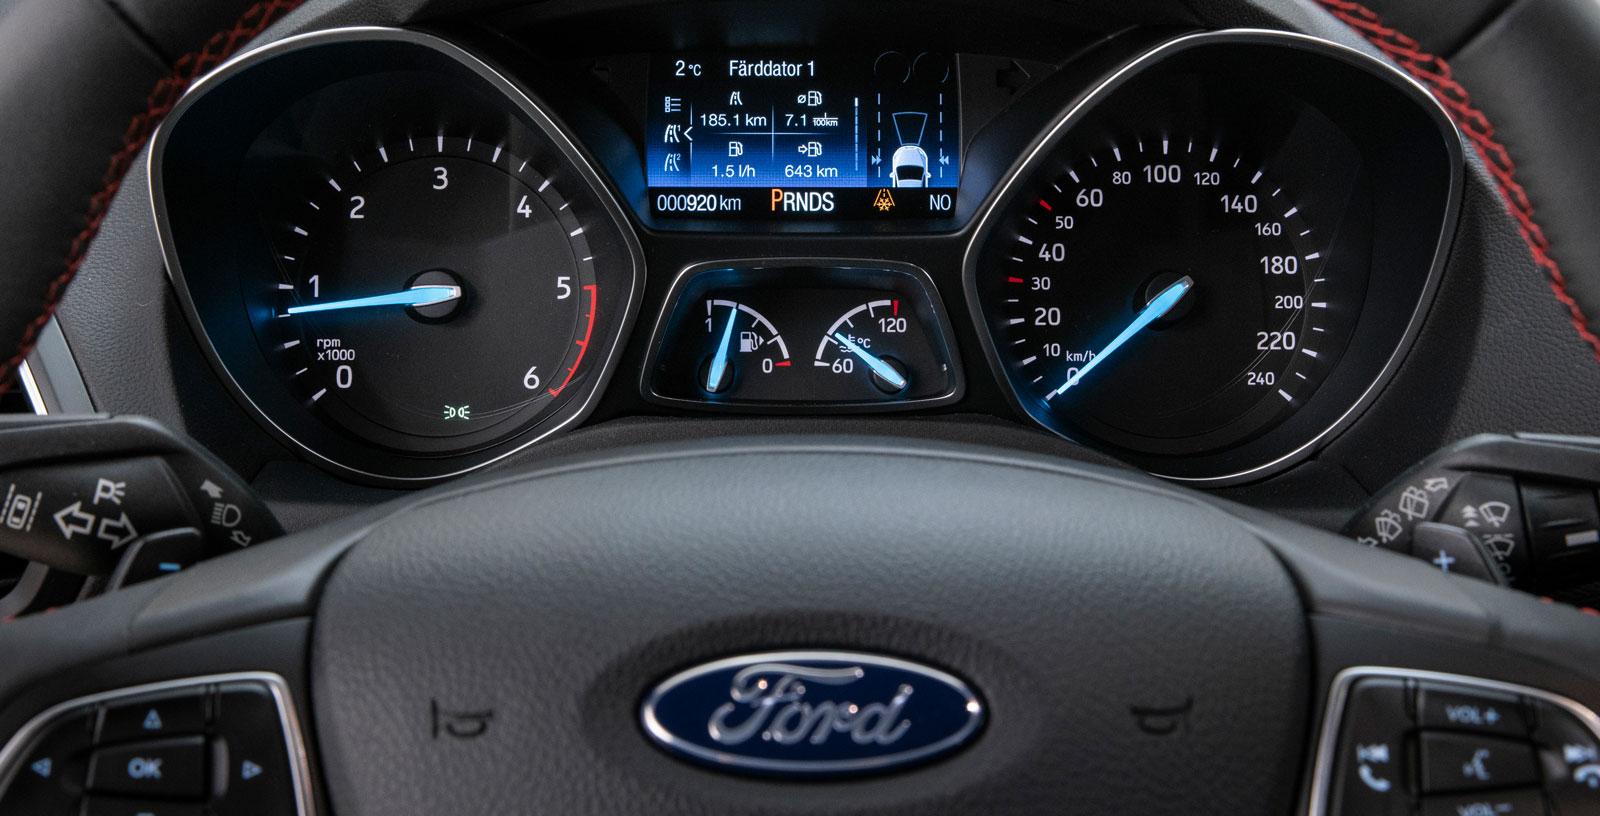 """Klassiskt Ford-blå mätarnålar. Färddatorn har en förhållandevis liten men informationsrik display. En """"miljömätare"""" gör att föraren kan tävla mot sig själv för att sänka förbrukningen."""